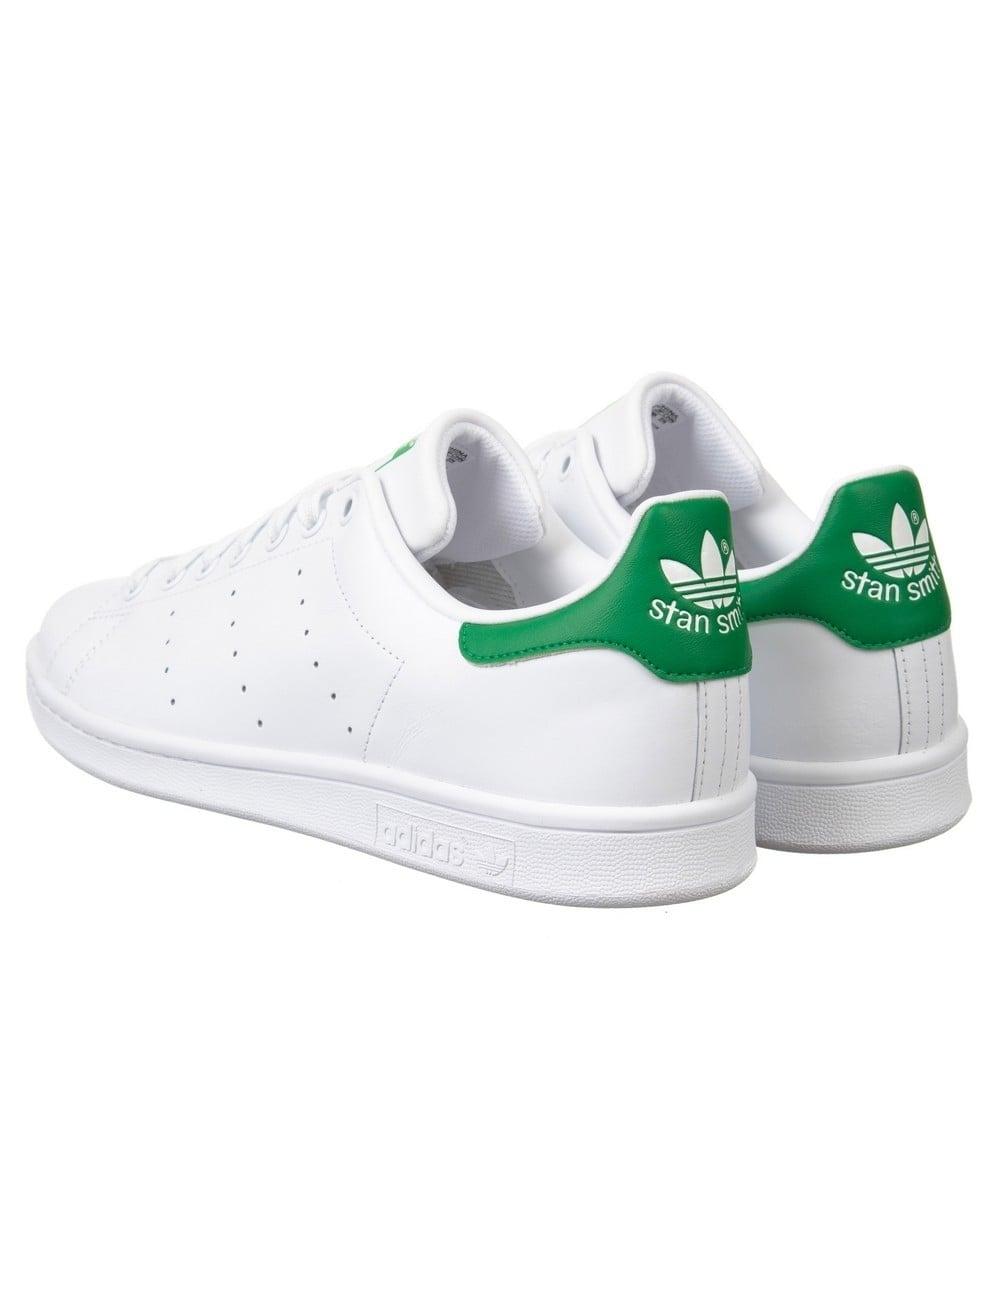 Stan Smith Shoes WhiteGreen